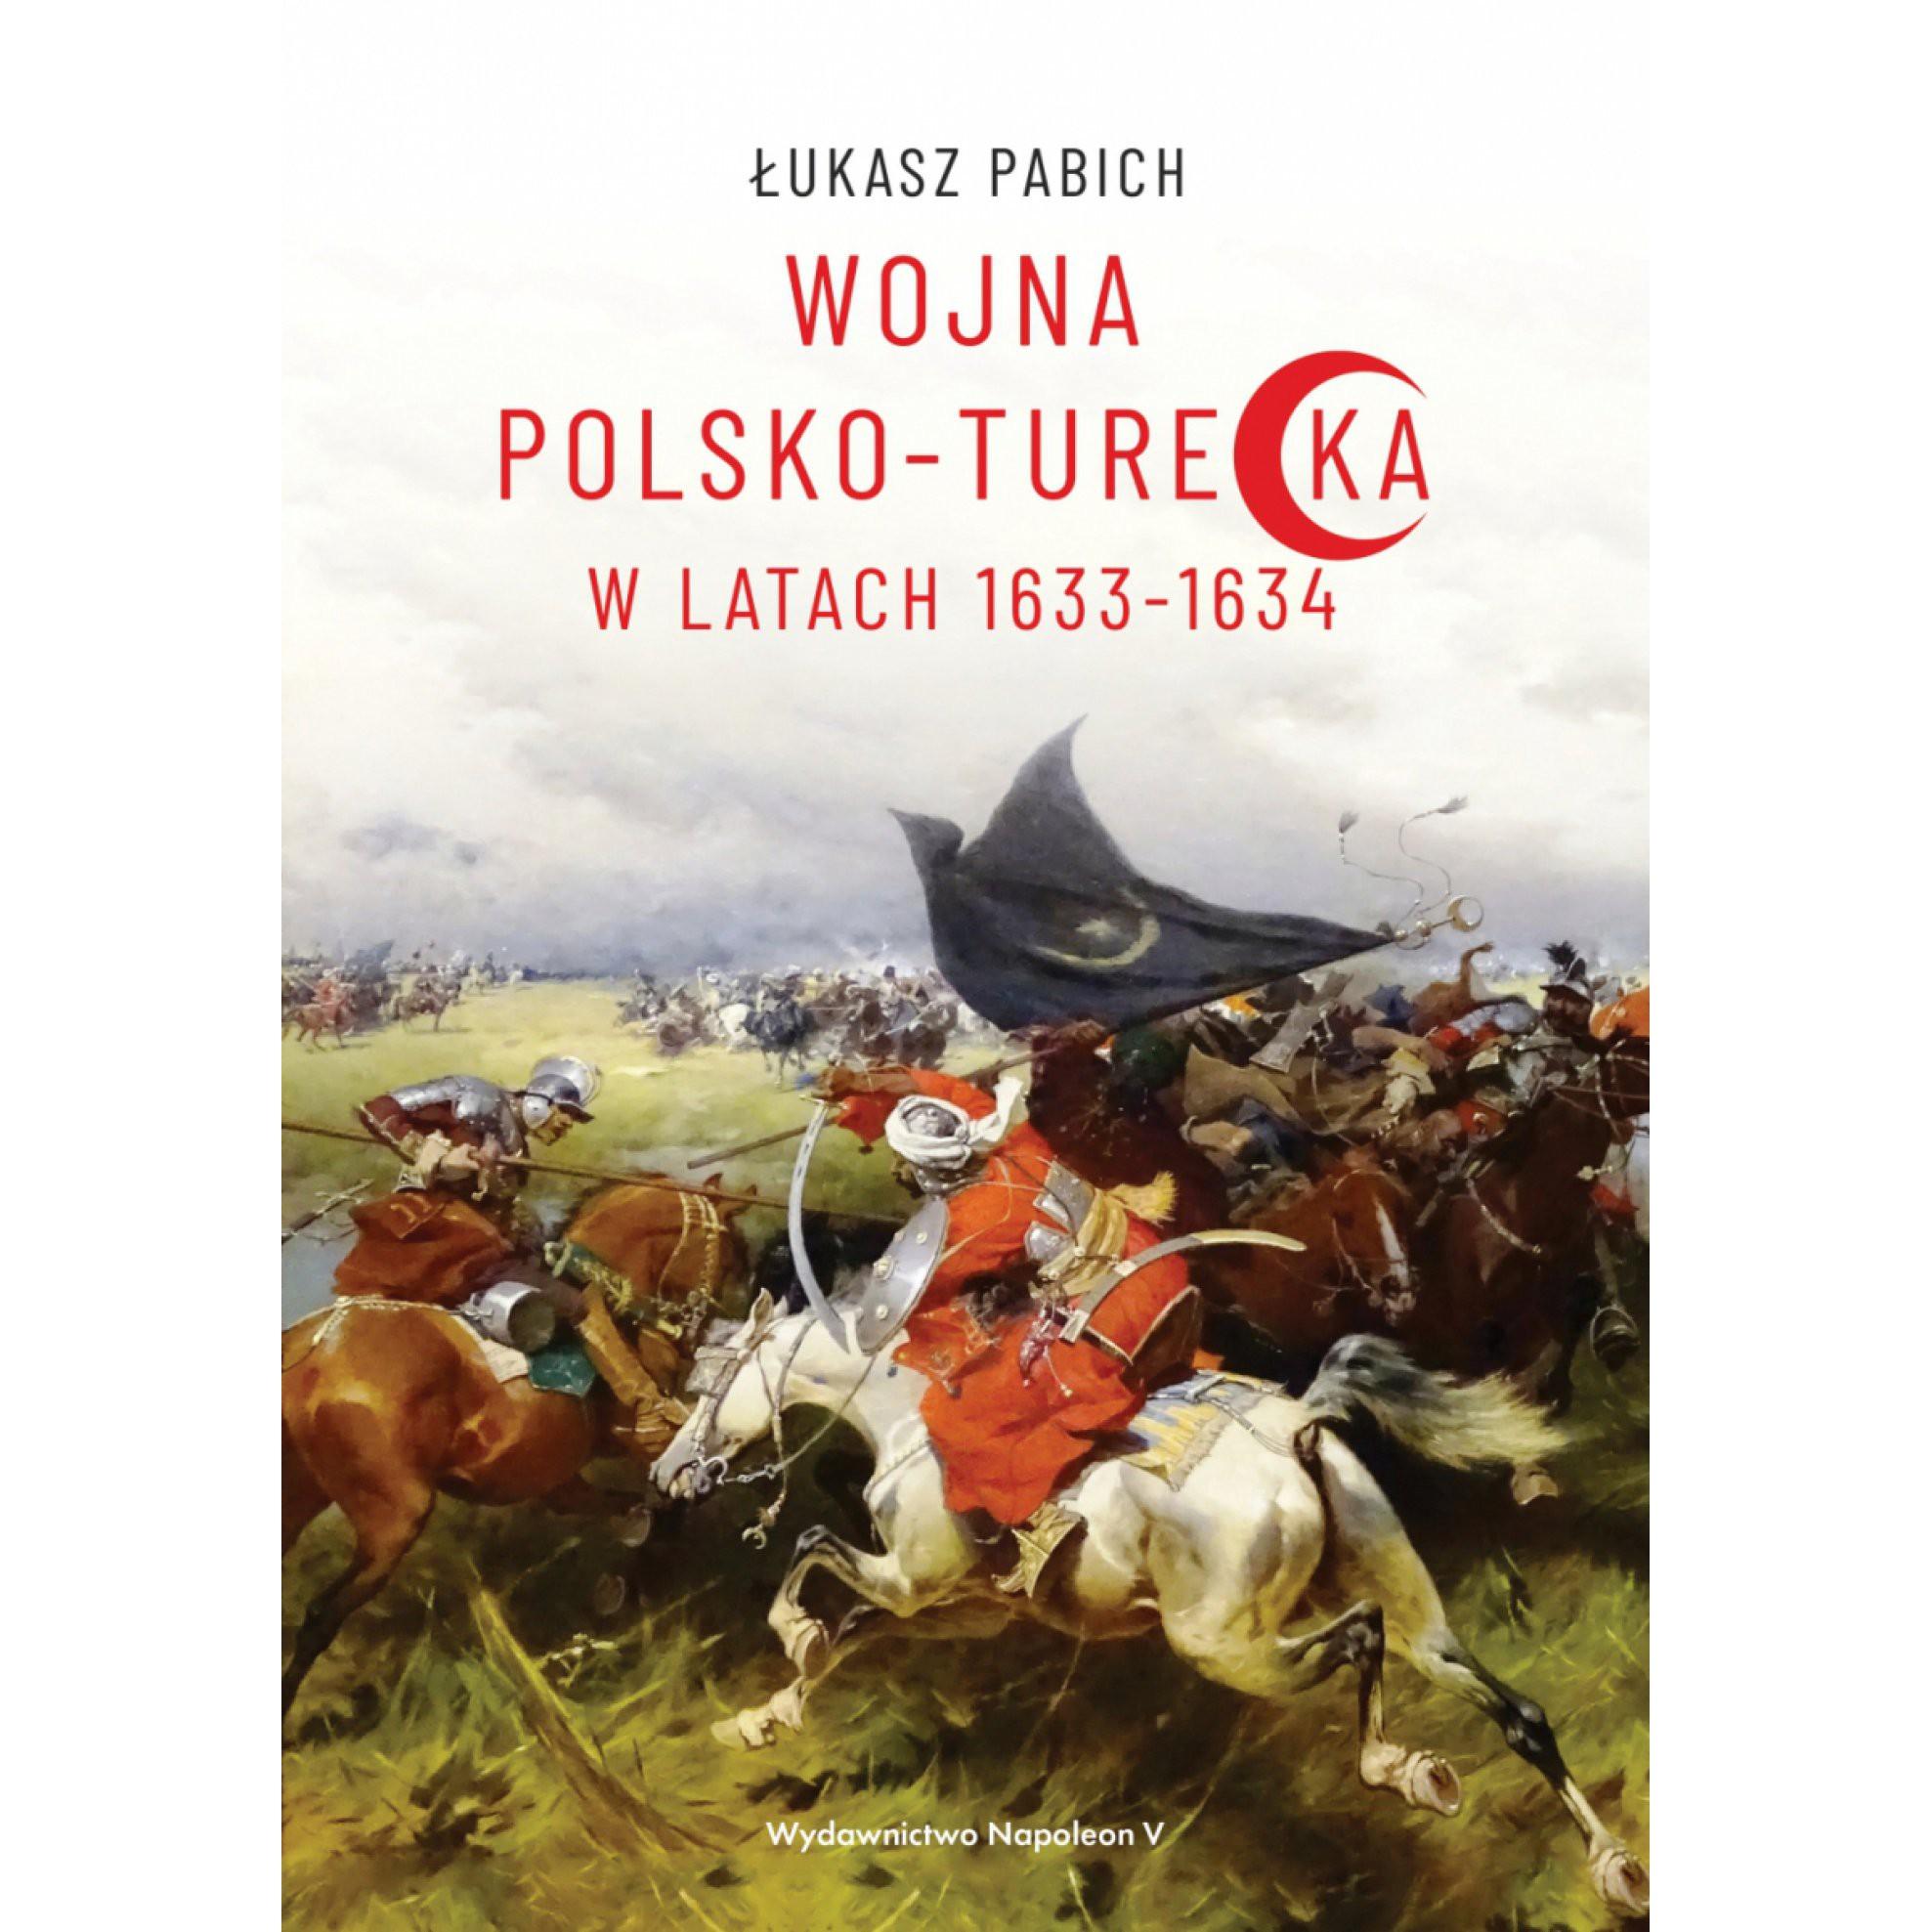 Wojna polsko-turecka w latach 1633-1634